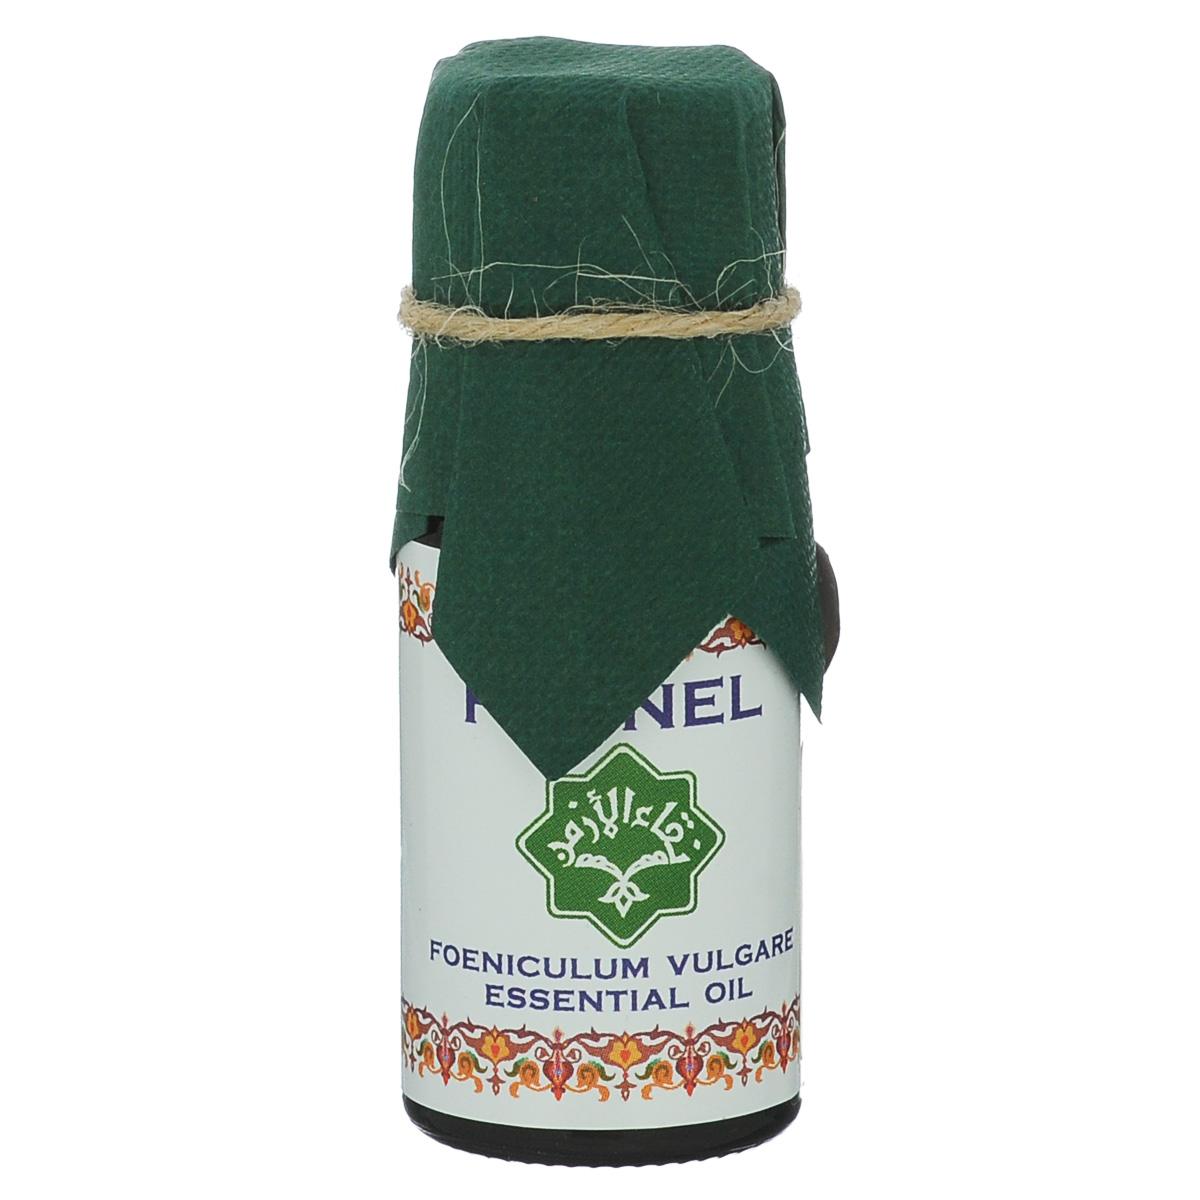 Зейтун Эфирное масло Фенхель, 10 млZ3655Абсолютно чистое, 100% натуральное эфирное масло Фенхеля, произведенное в соответствии со стандартом европейской фармакопеи; по своим качествам и свойствам значительно превосходит дешевые аналоги. Применение в ароматерапии: Эфирное масло фенхеля действует стабилизирующее, седативно на тело и мозг, снимает стрессы и нервозность, дает внутреннюю стабильность и ясность, хорошо помогает при чувстве одиночества и душевного разочарования. Устраняет зависимость от общения с окружающими, прекращая постоянные поиски «с кем бы скоротать время». Открывает творческую прелесть одиночества. Ликвидирует навязчивые страхи (страх темноты, страх высоты, страх открытого пространства и т.д.). Дарует внутреннюю стабильность и ощущение свободы. Помогает преодолеть слабость характера и желание постоянно нравиться окружающим. Учит четко выражать свои желания и говорить «Нет» легко, спокойно и твердо, без нажима и опасения обидеть отказом кого-либо. Эфирное масло фенхеля освобождает от чувства страха,...